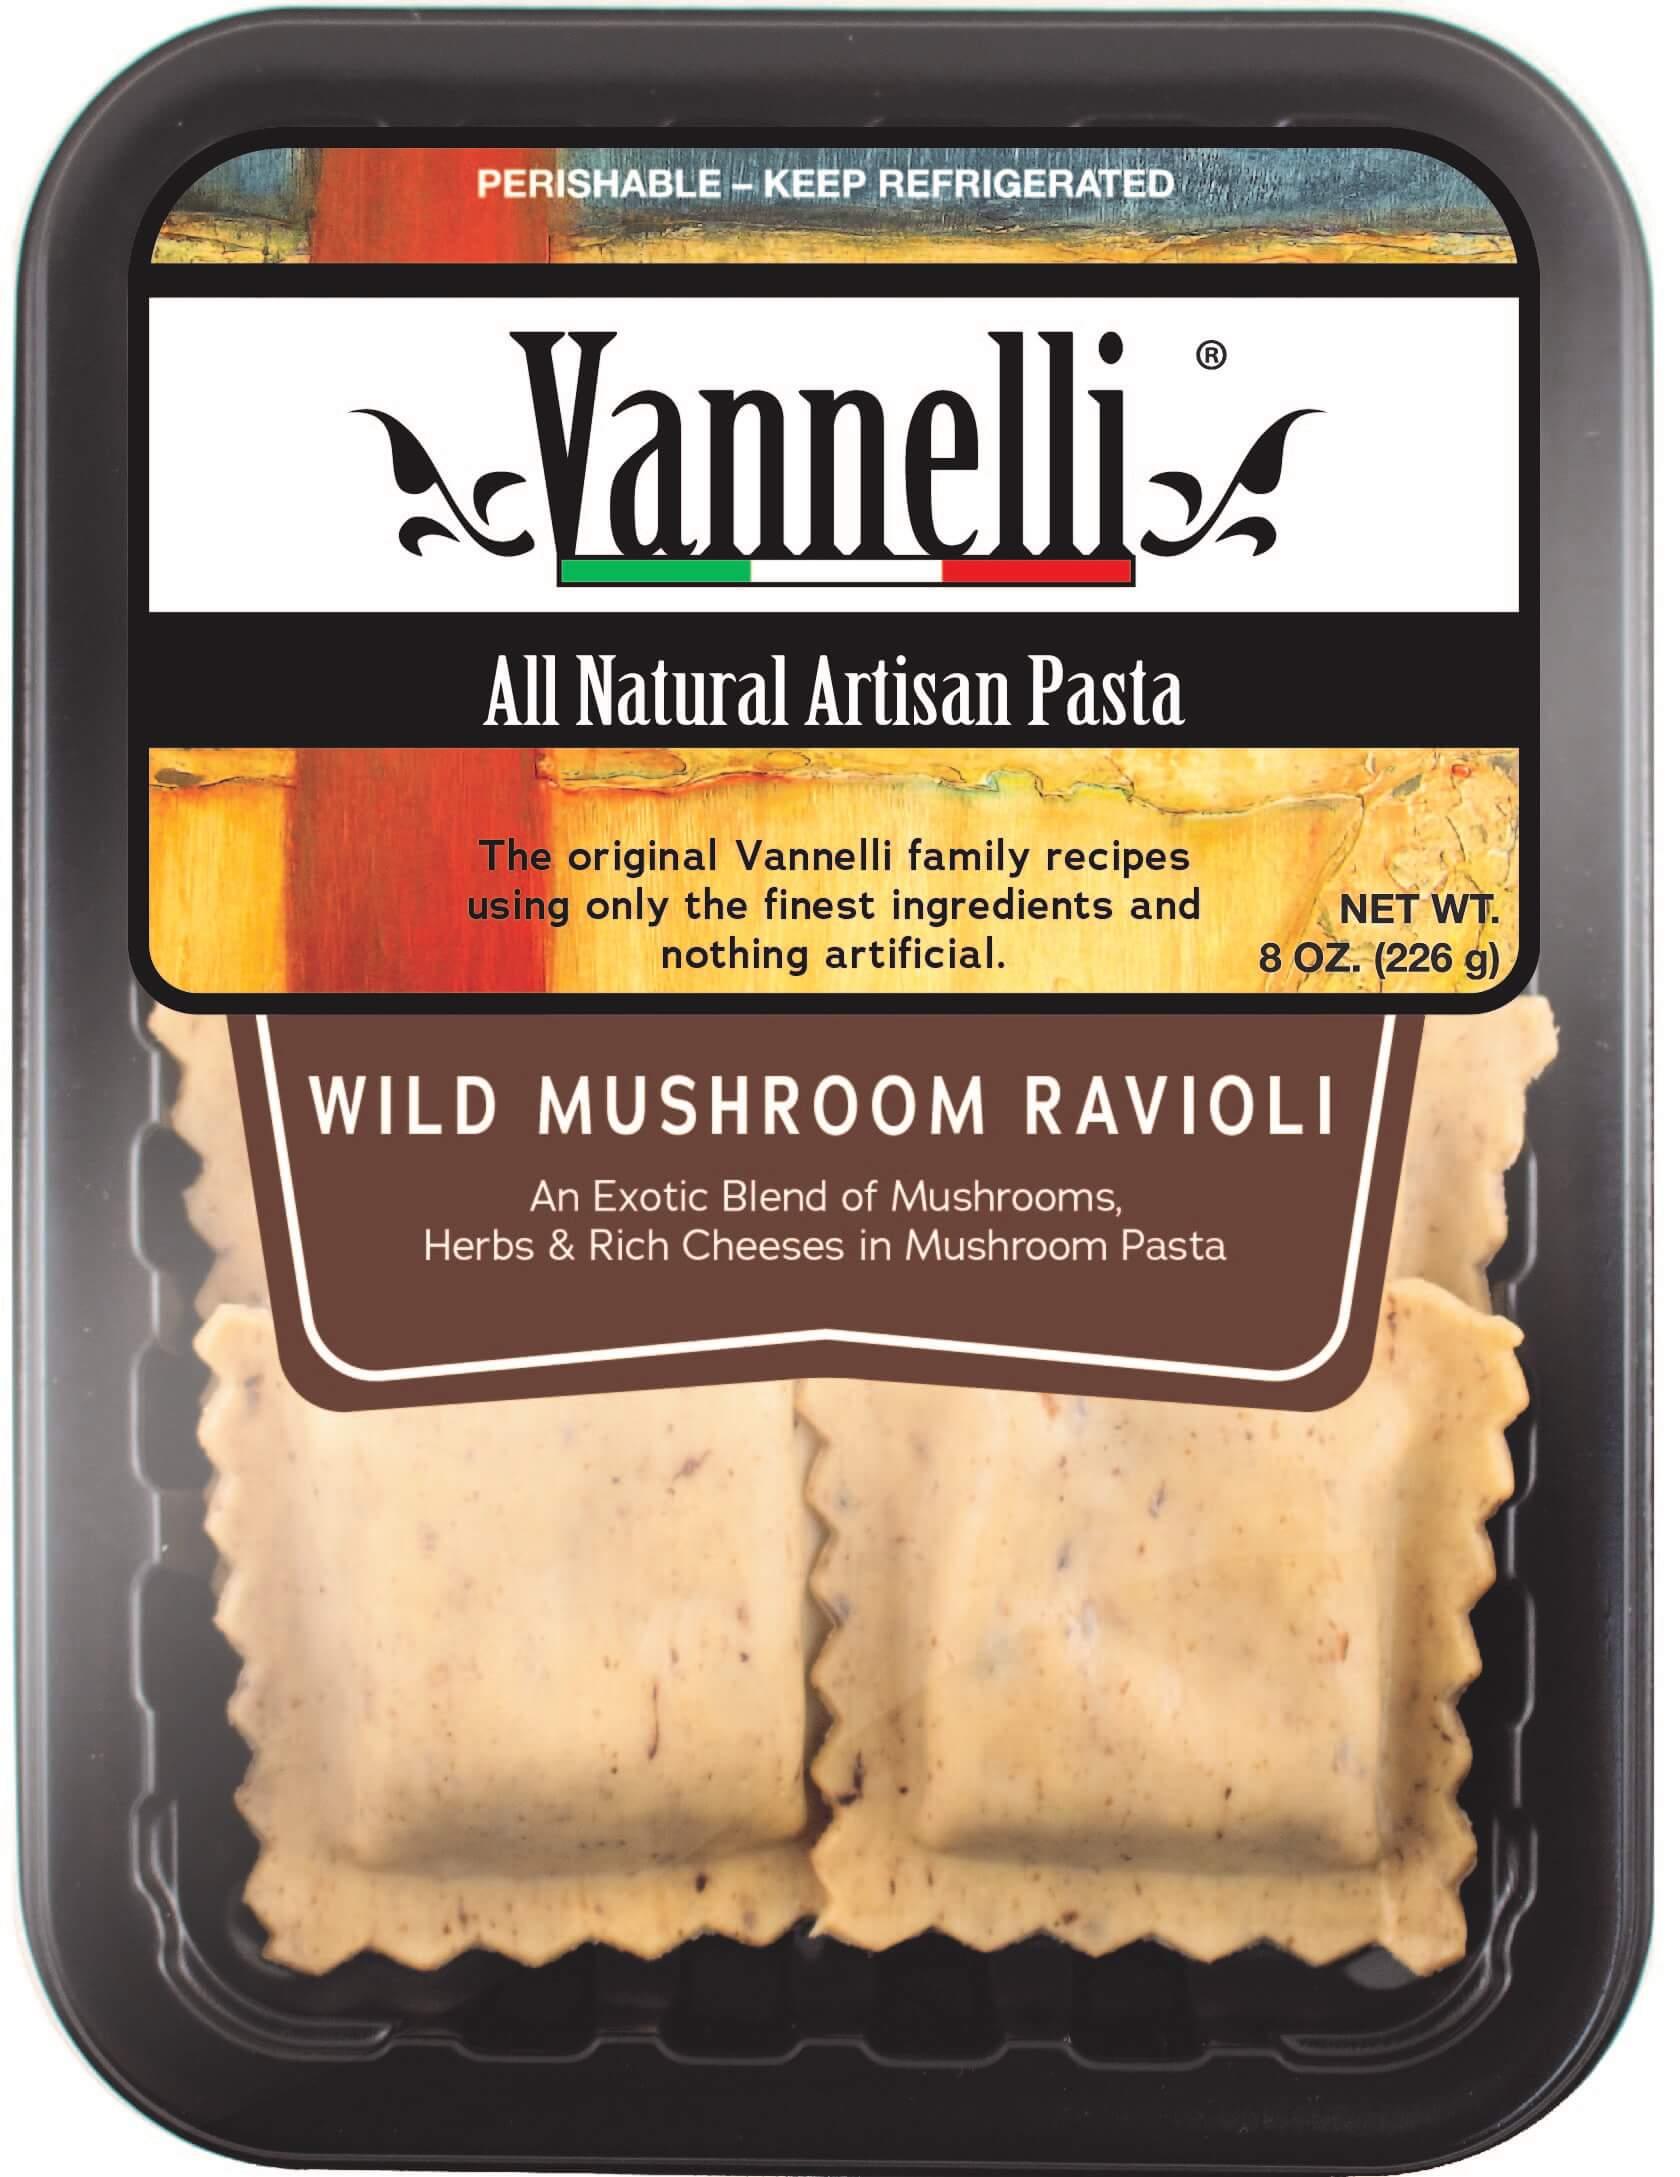 Wild Mushroom Ravioli